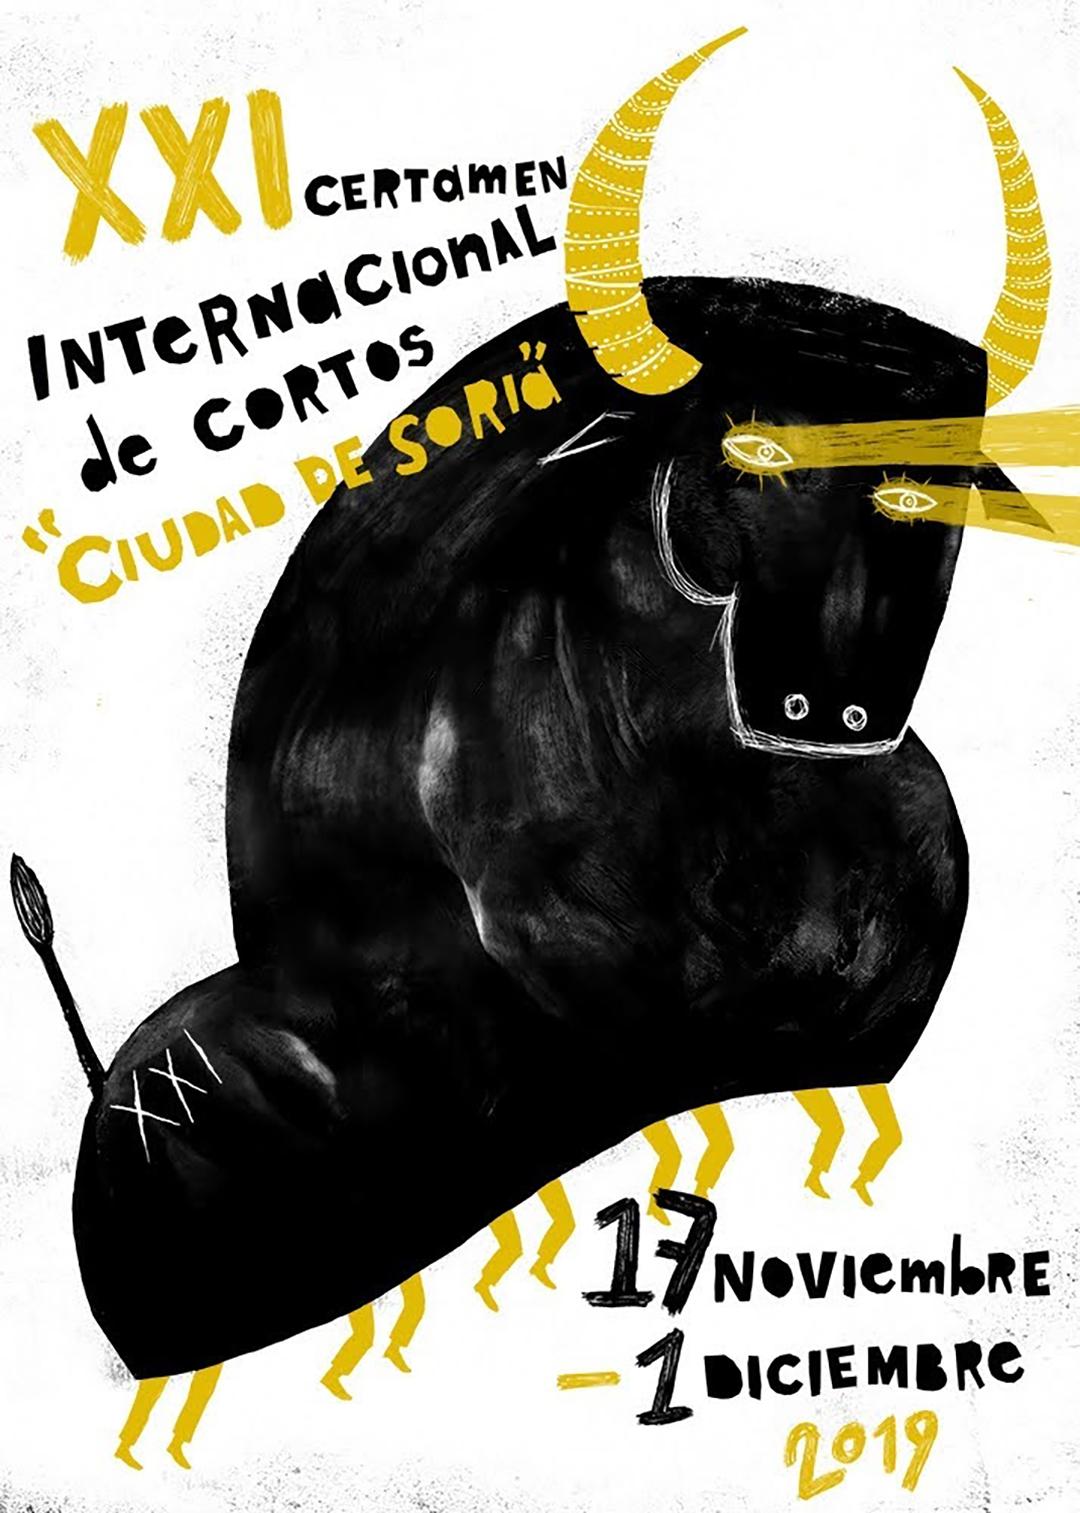 Diseñadores cubanos premiados en la 16 Bienal del Cartel en México. David Pau.